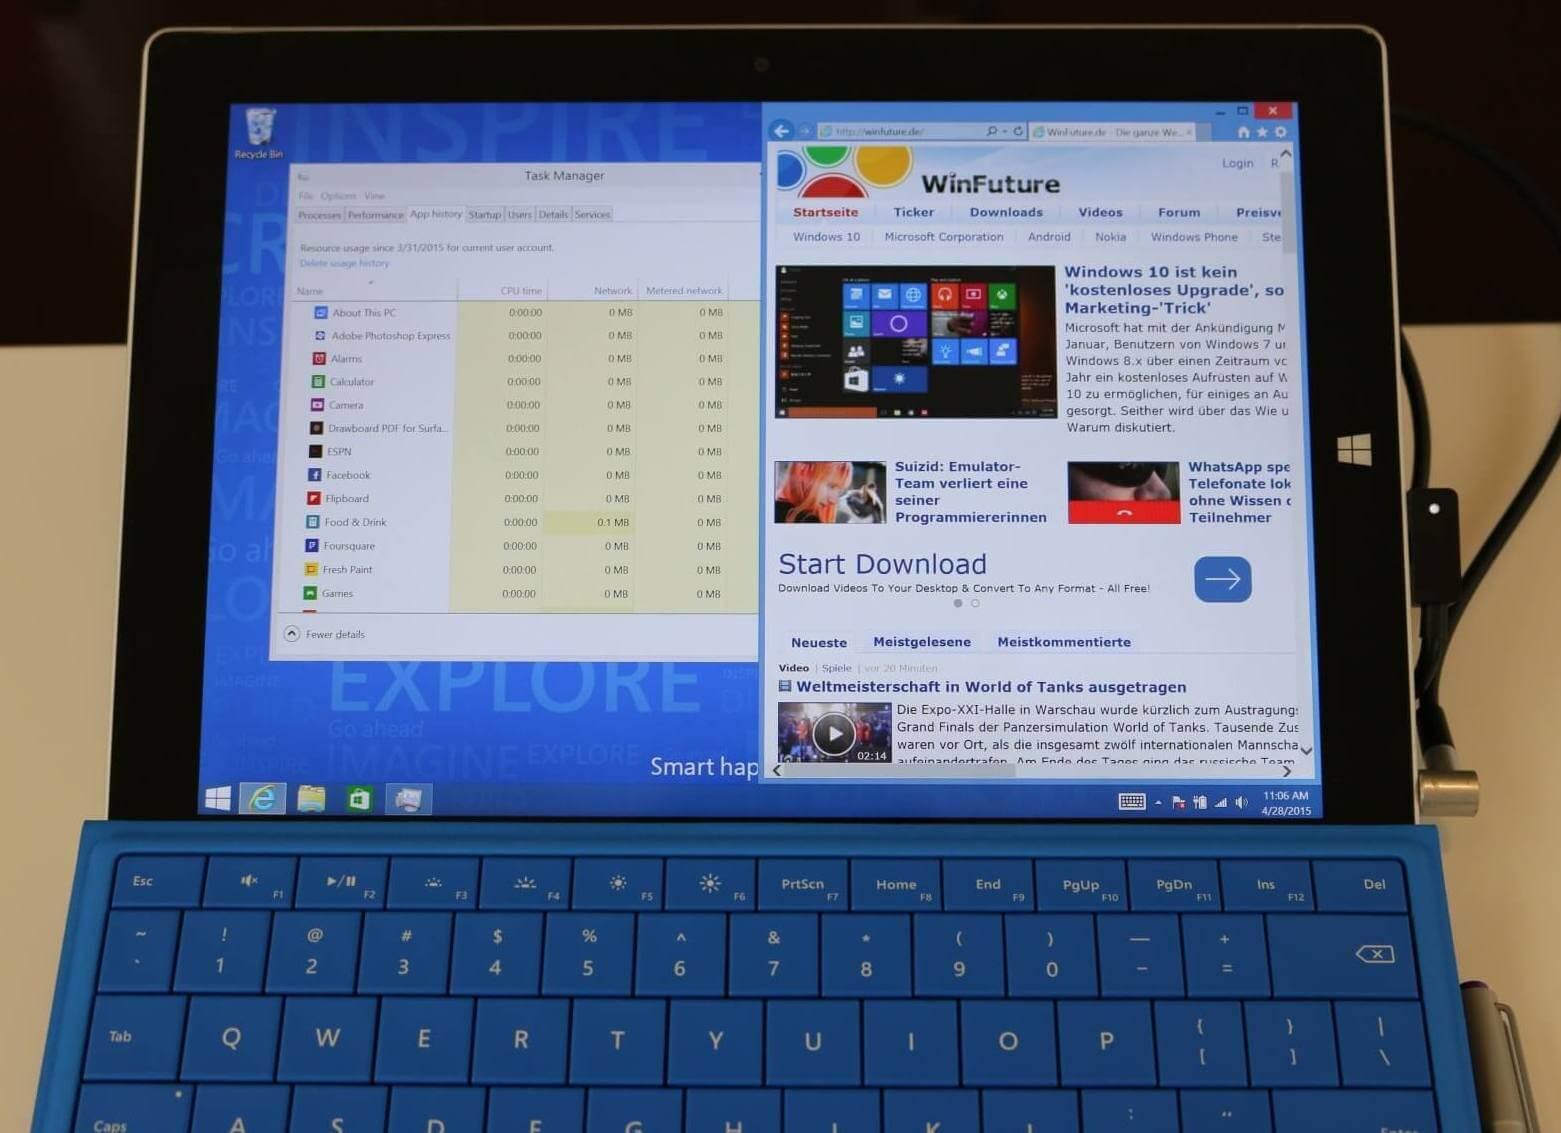 Microsoft warnt: Windows 10 nicht auf dem Surface 3 installieren